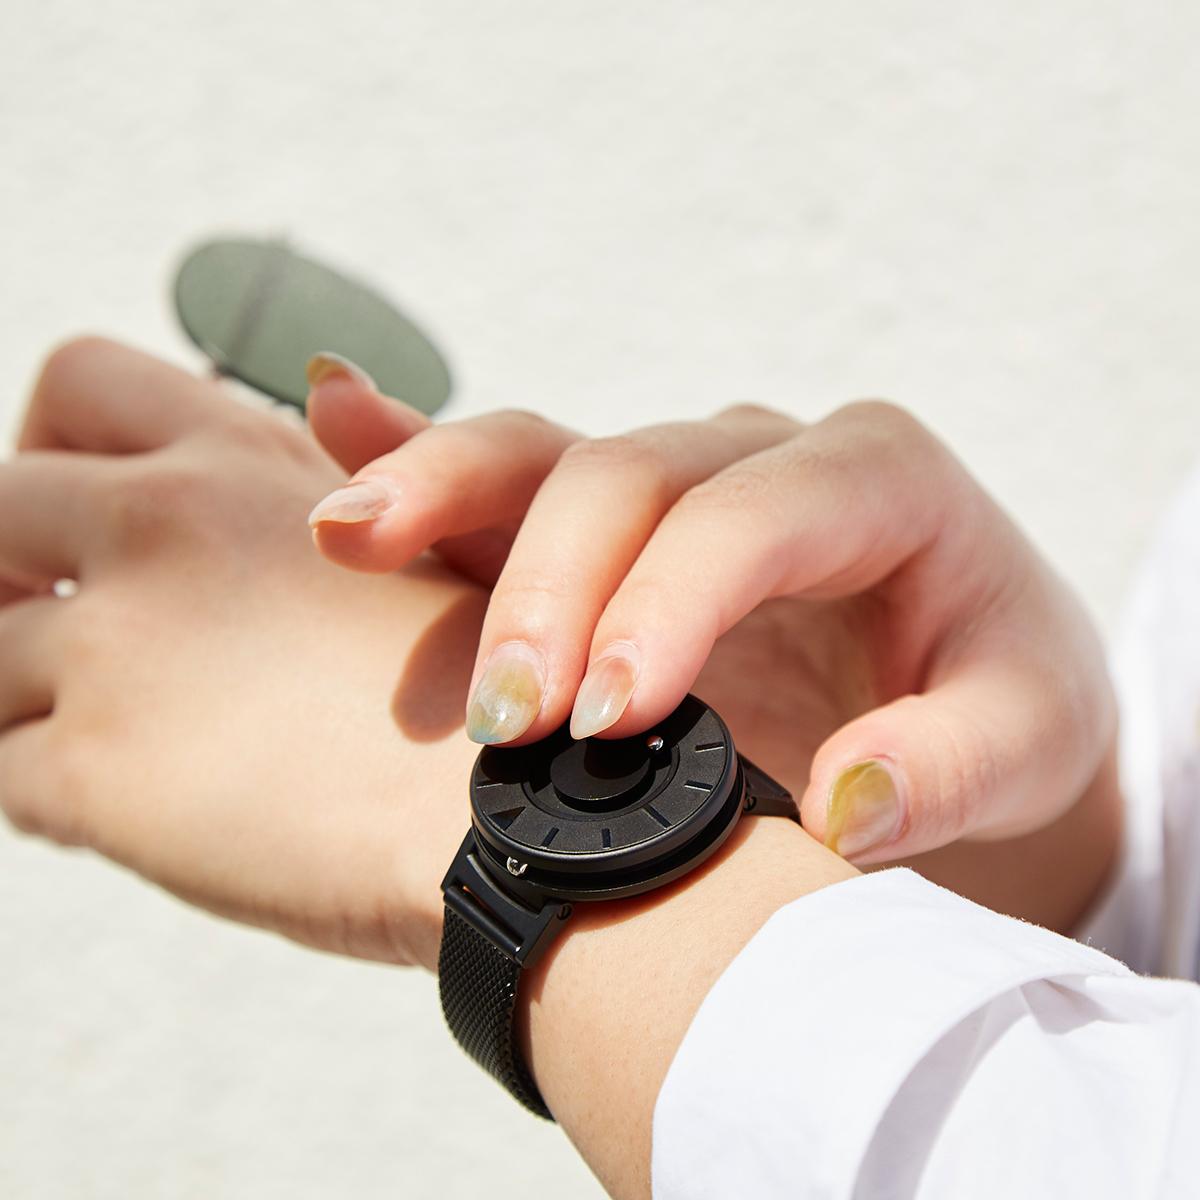 もともと視覚障がい者のために開発されたユニバーサルデザイン時計。腕元におさまるコンパクトな文字盤、軽やかな装着感のメッシュバンド。触って時間を知る「腕時計」| EONE